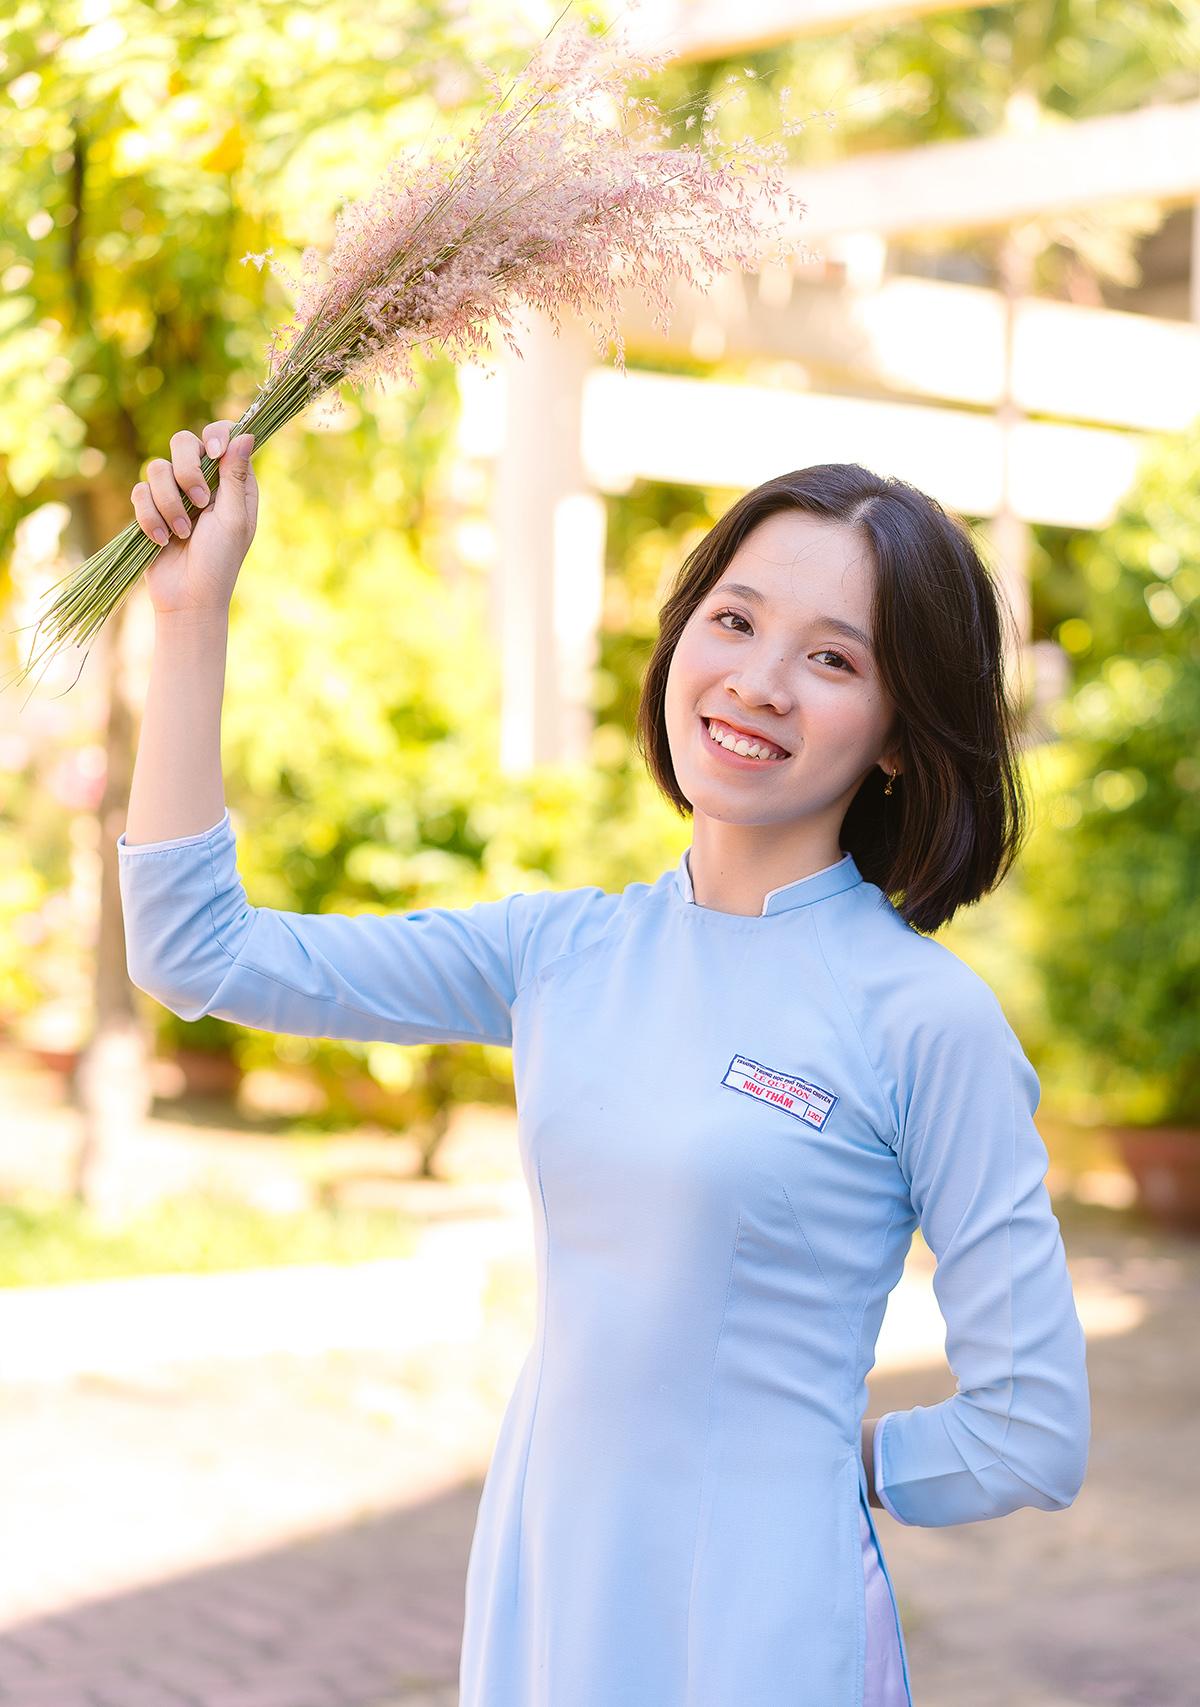 Nguyễn Thị Như Thắm là cựu học sinh trường THPT chuyên Lê Quý Đôn (Đà Nẵng). Ảnh: Nhân vật cung cấp.